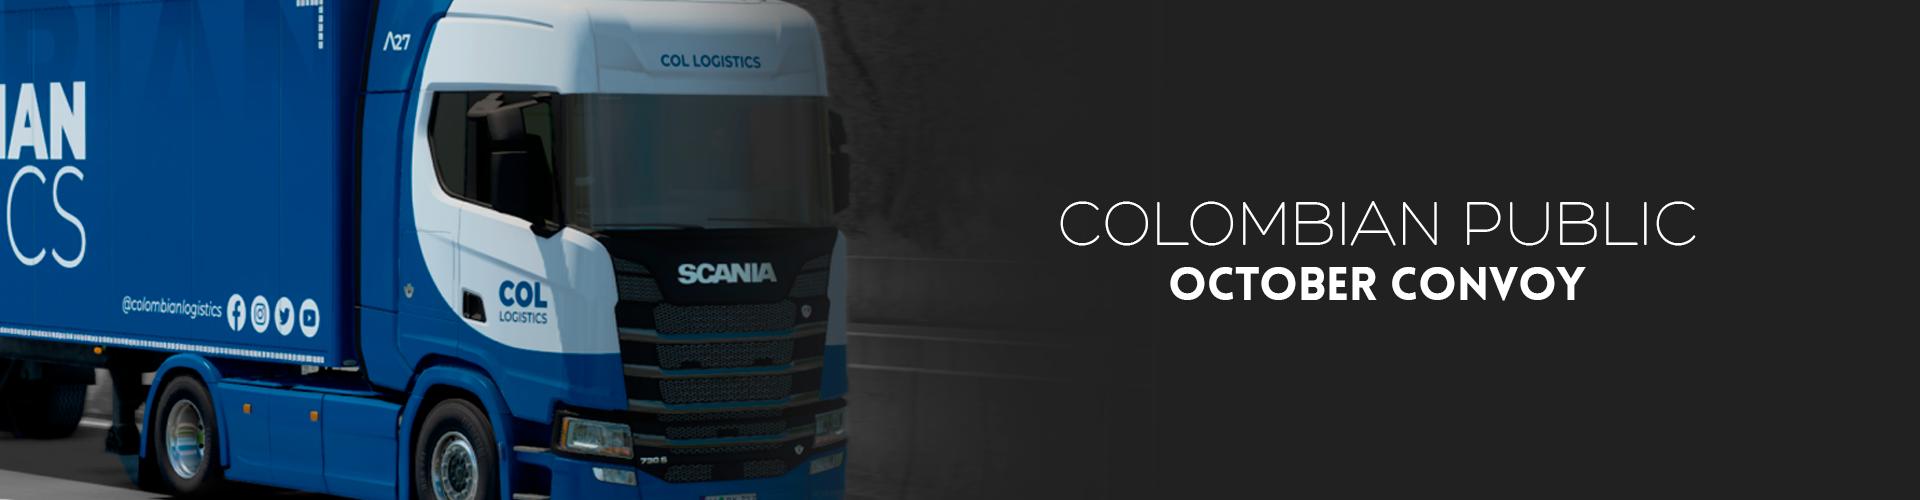 Colombian Logistics October Convoy #11